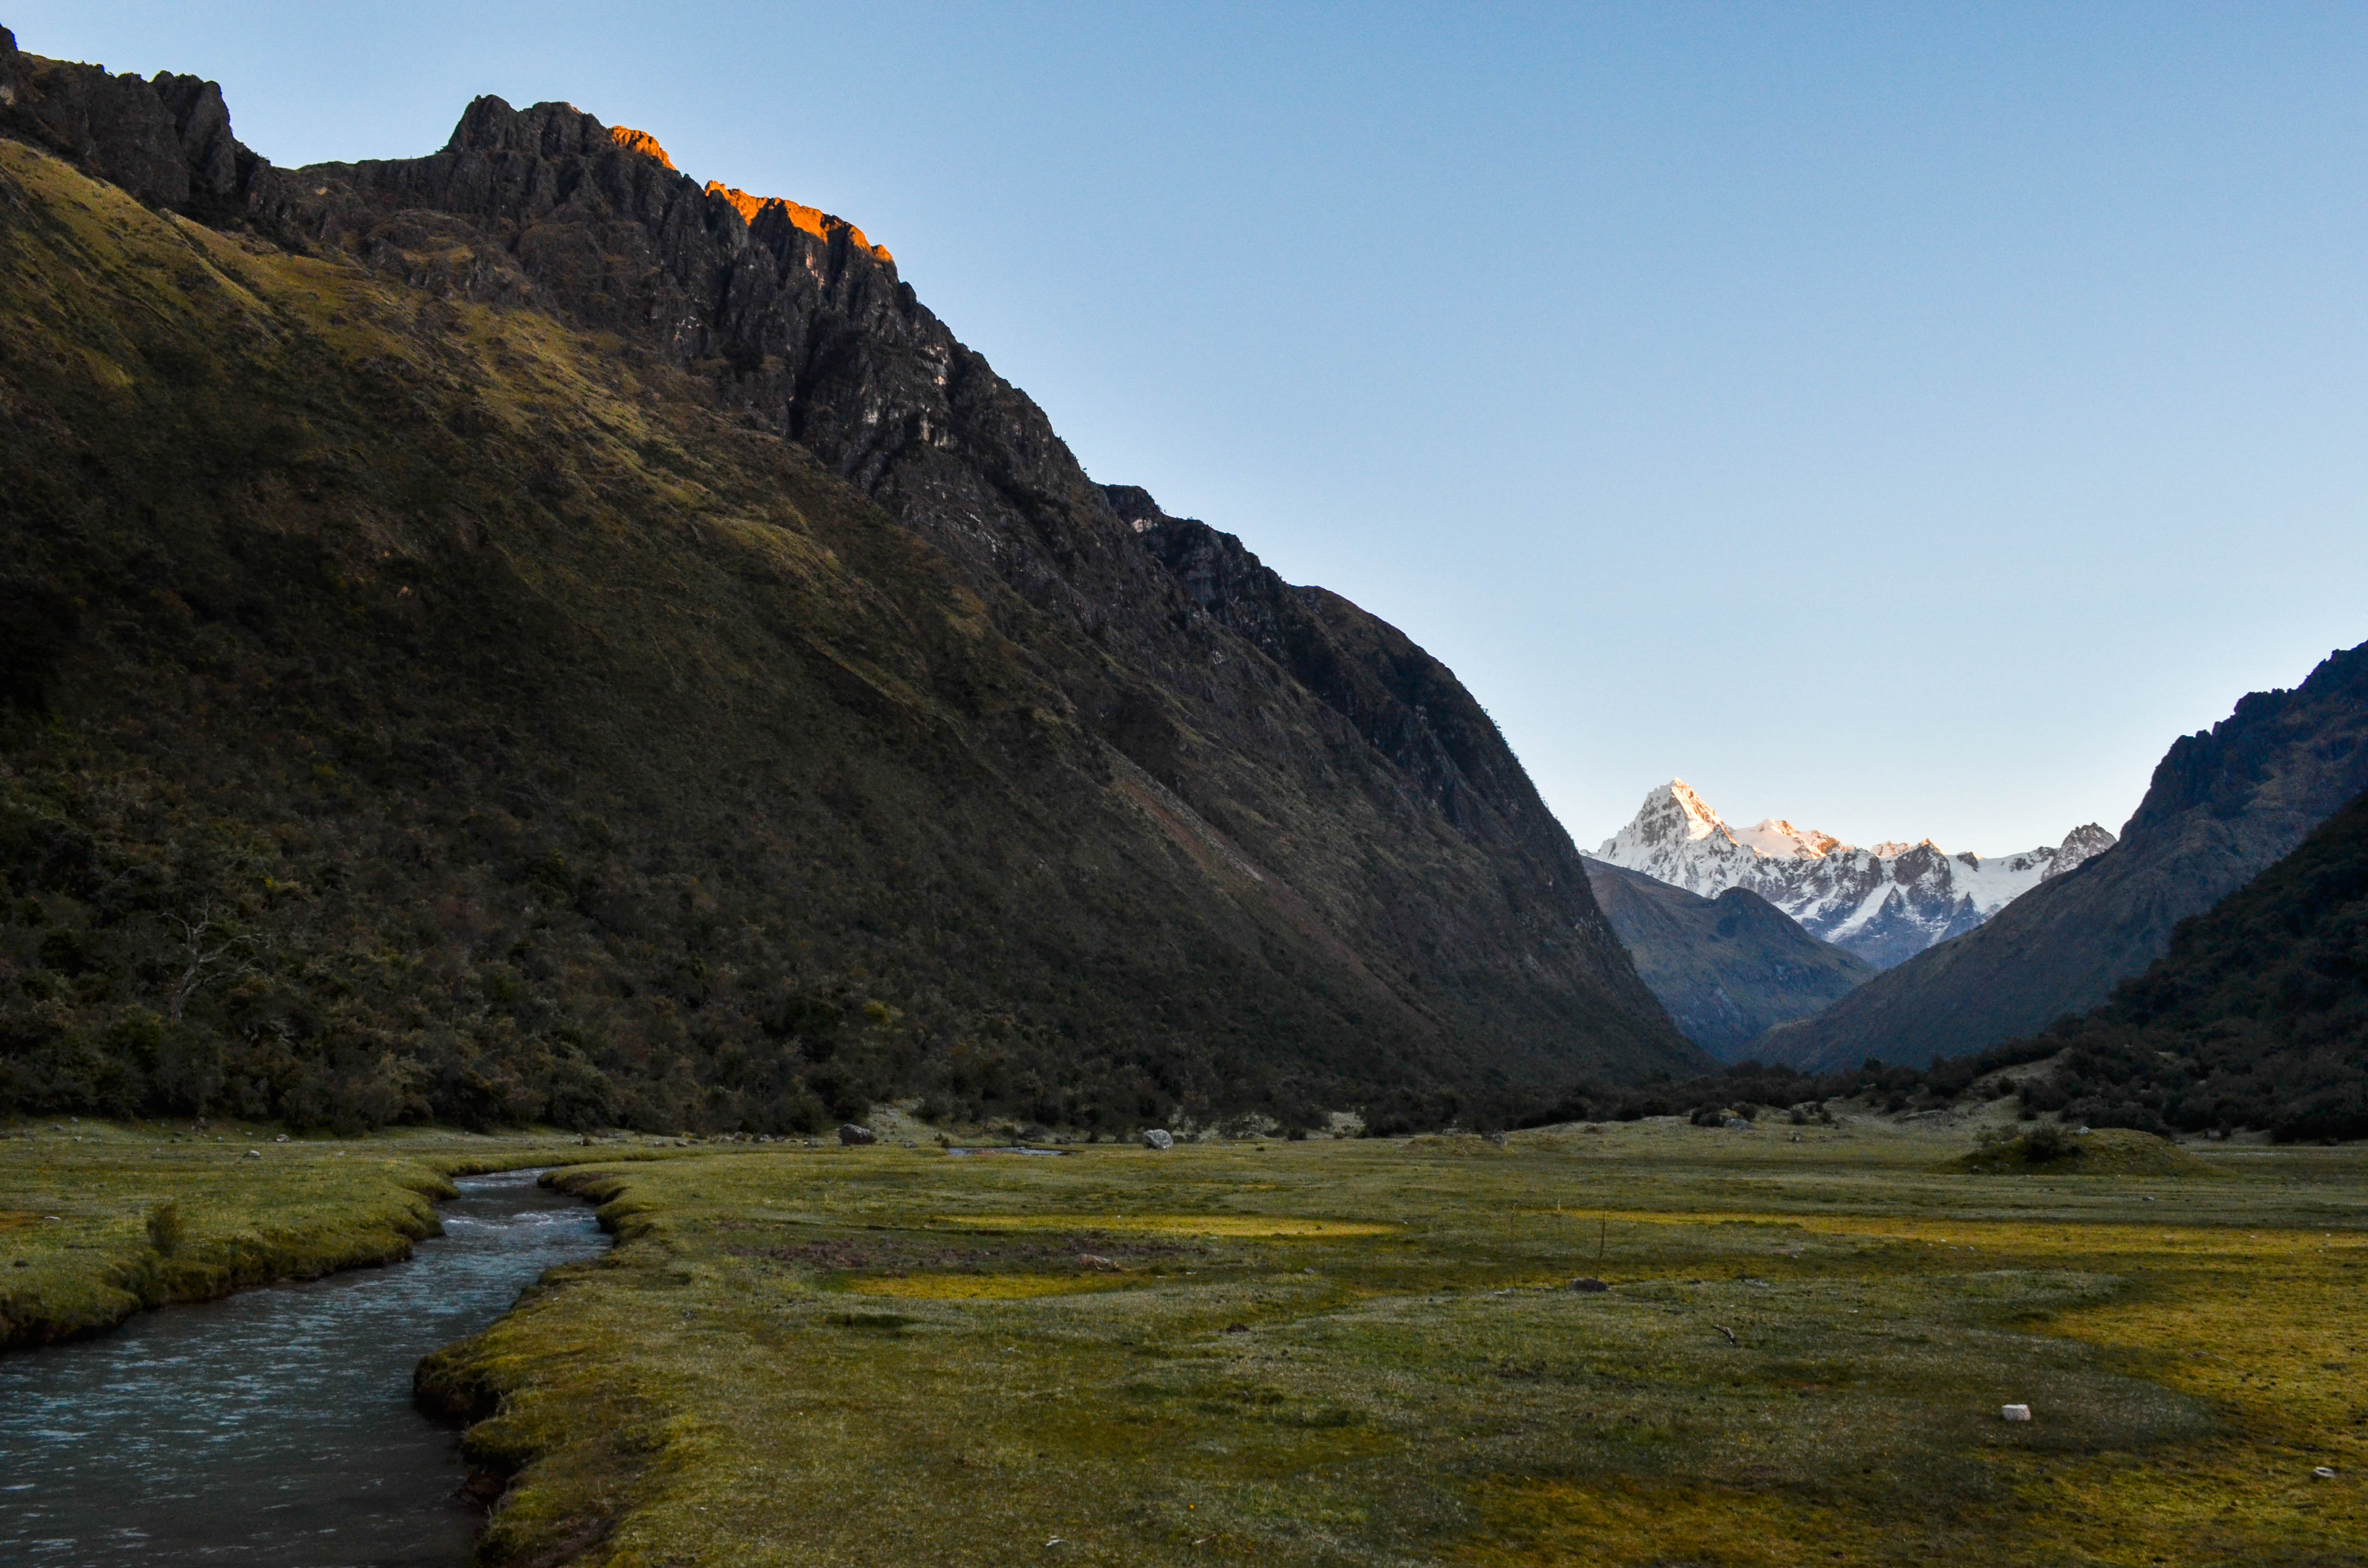 Cordillera Blanca in Peru